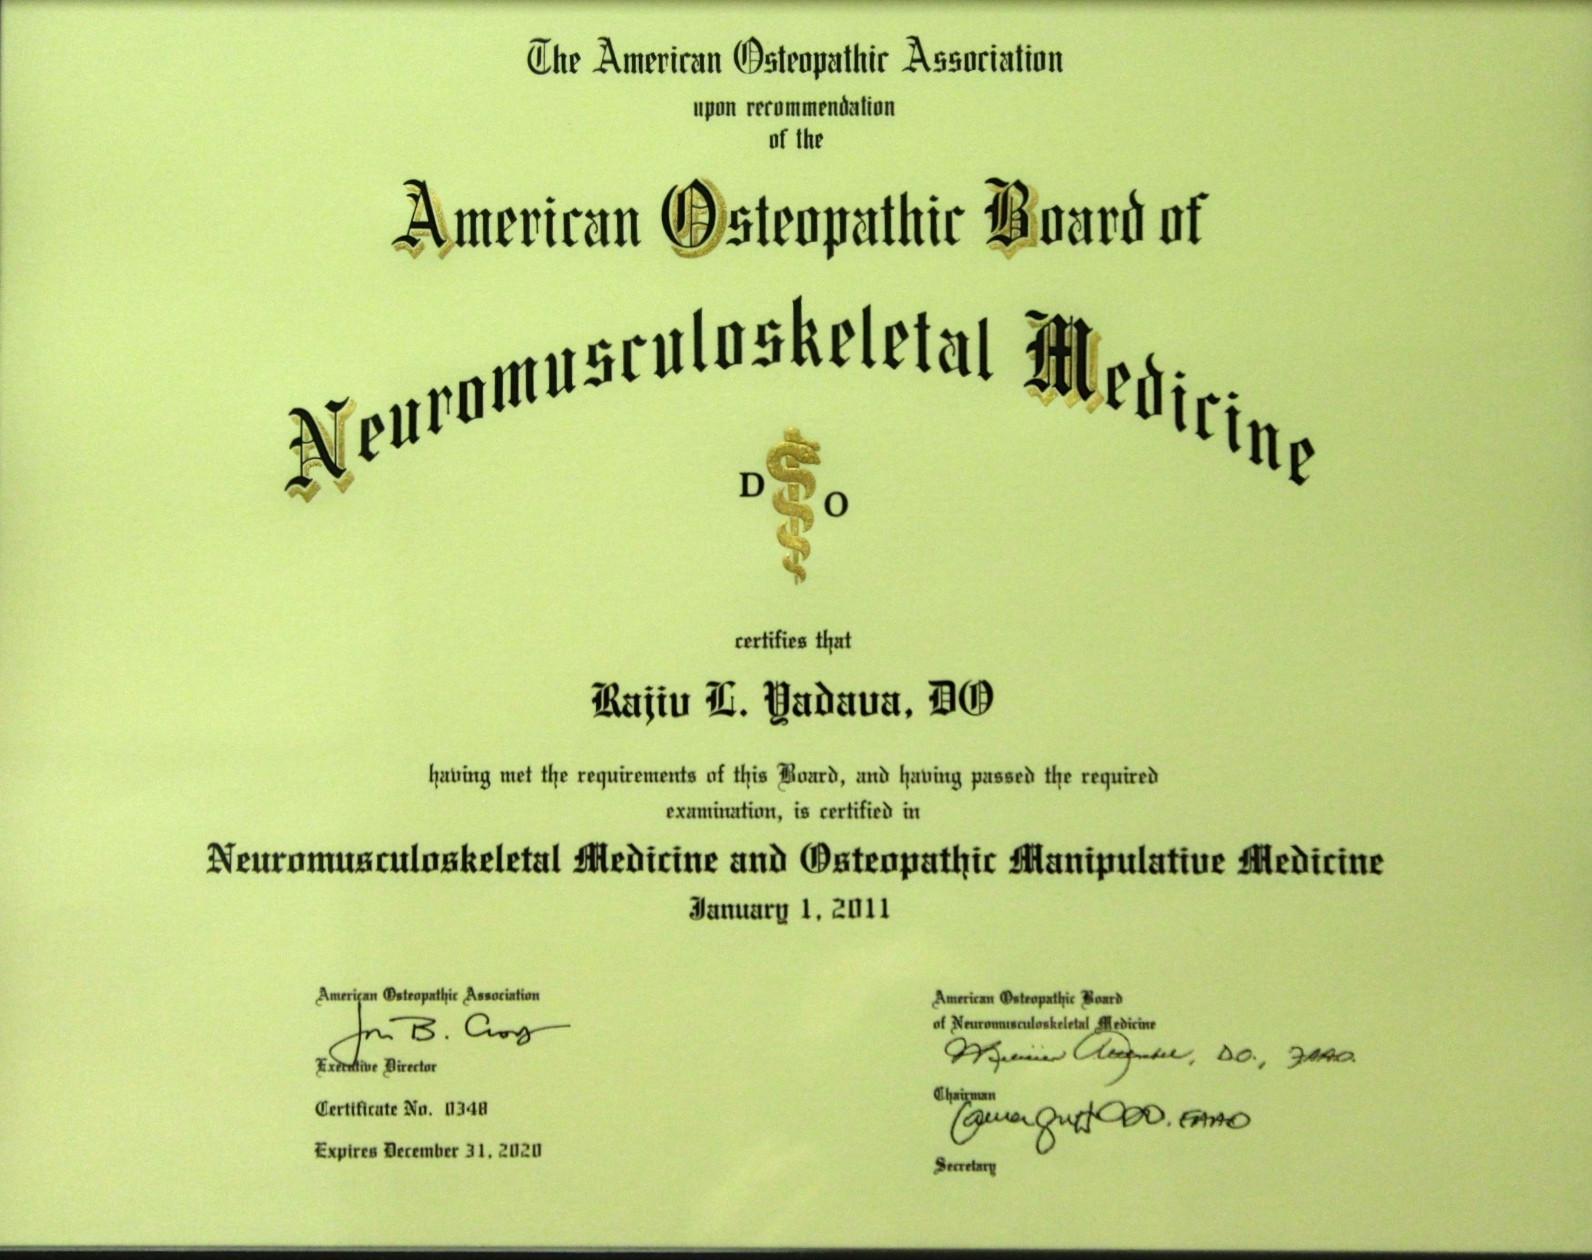 Neuromusculoskeletal Medicine